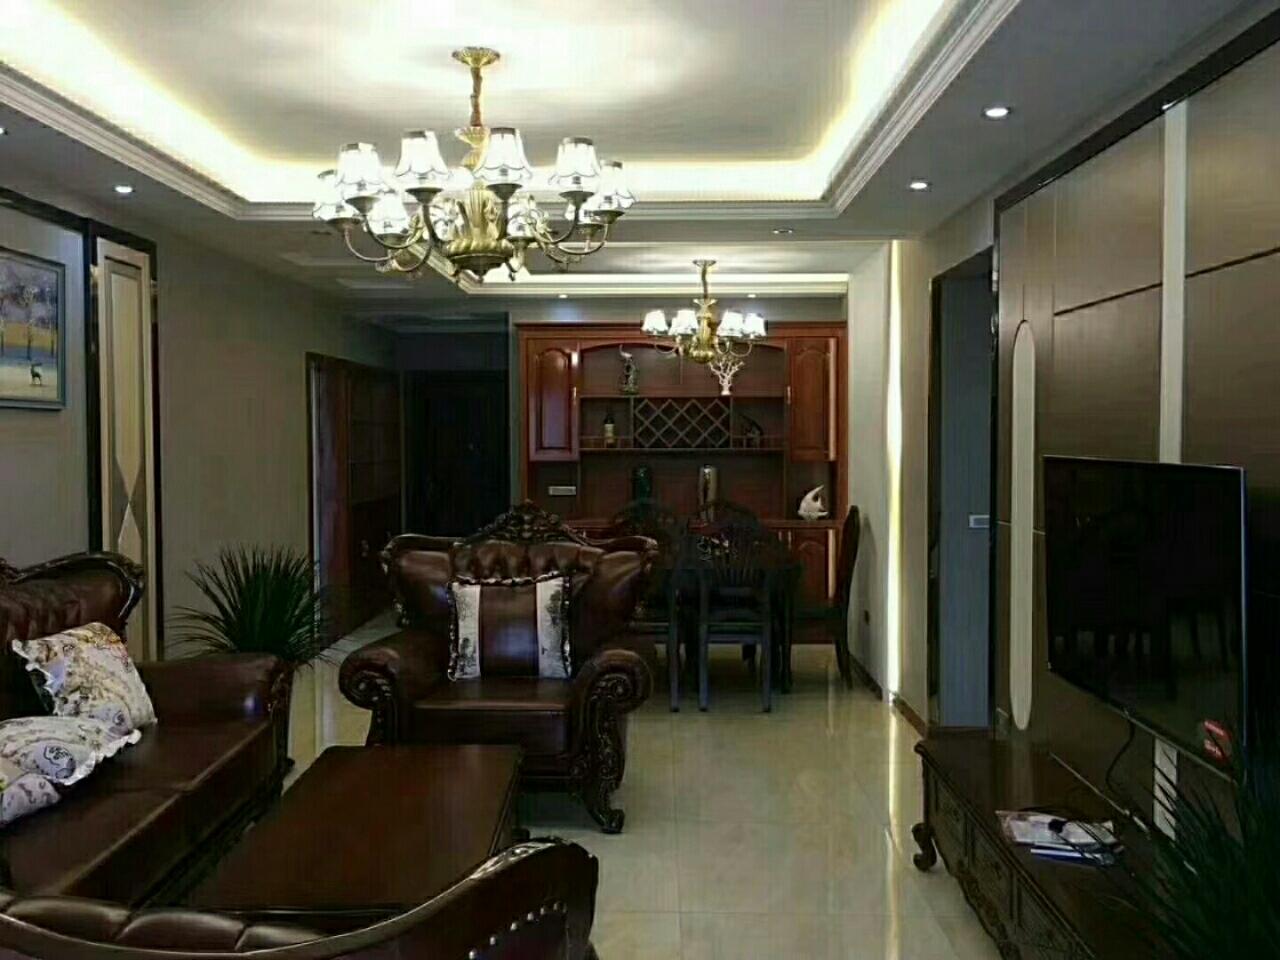 城市中心地段,时代都会,精装房出售4室 2厅 2卫128万元